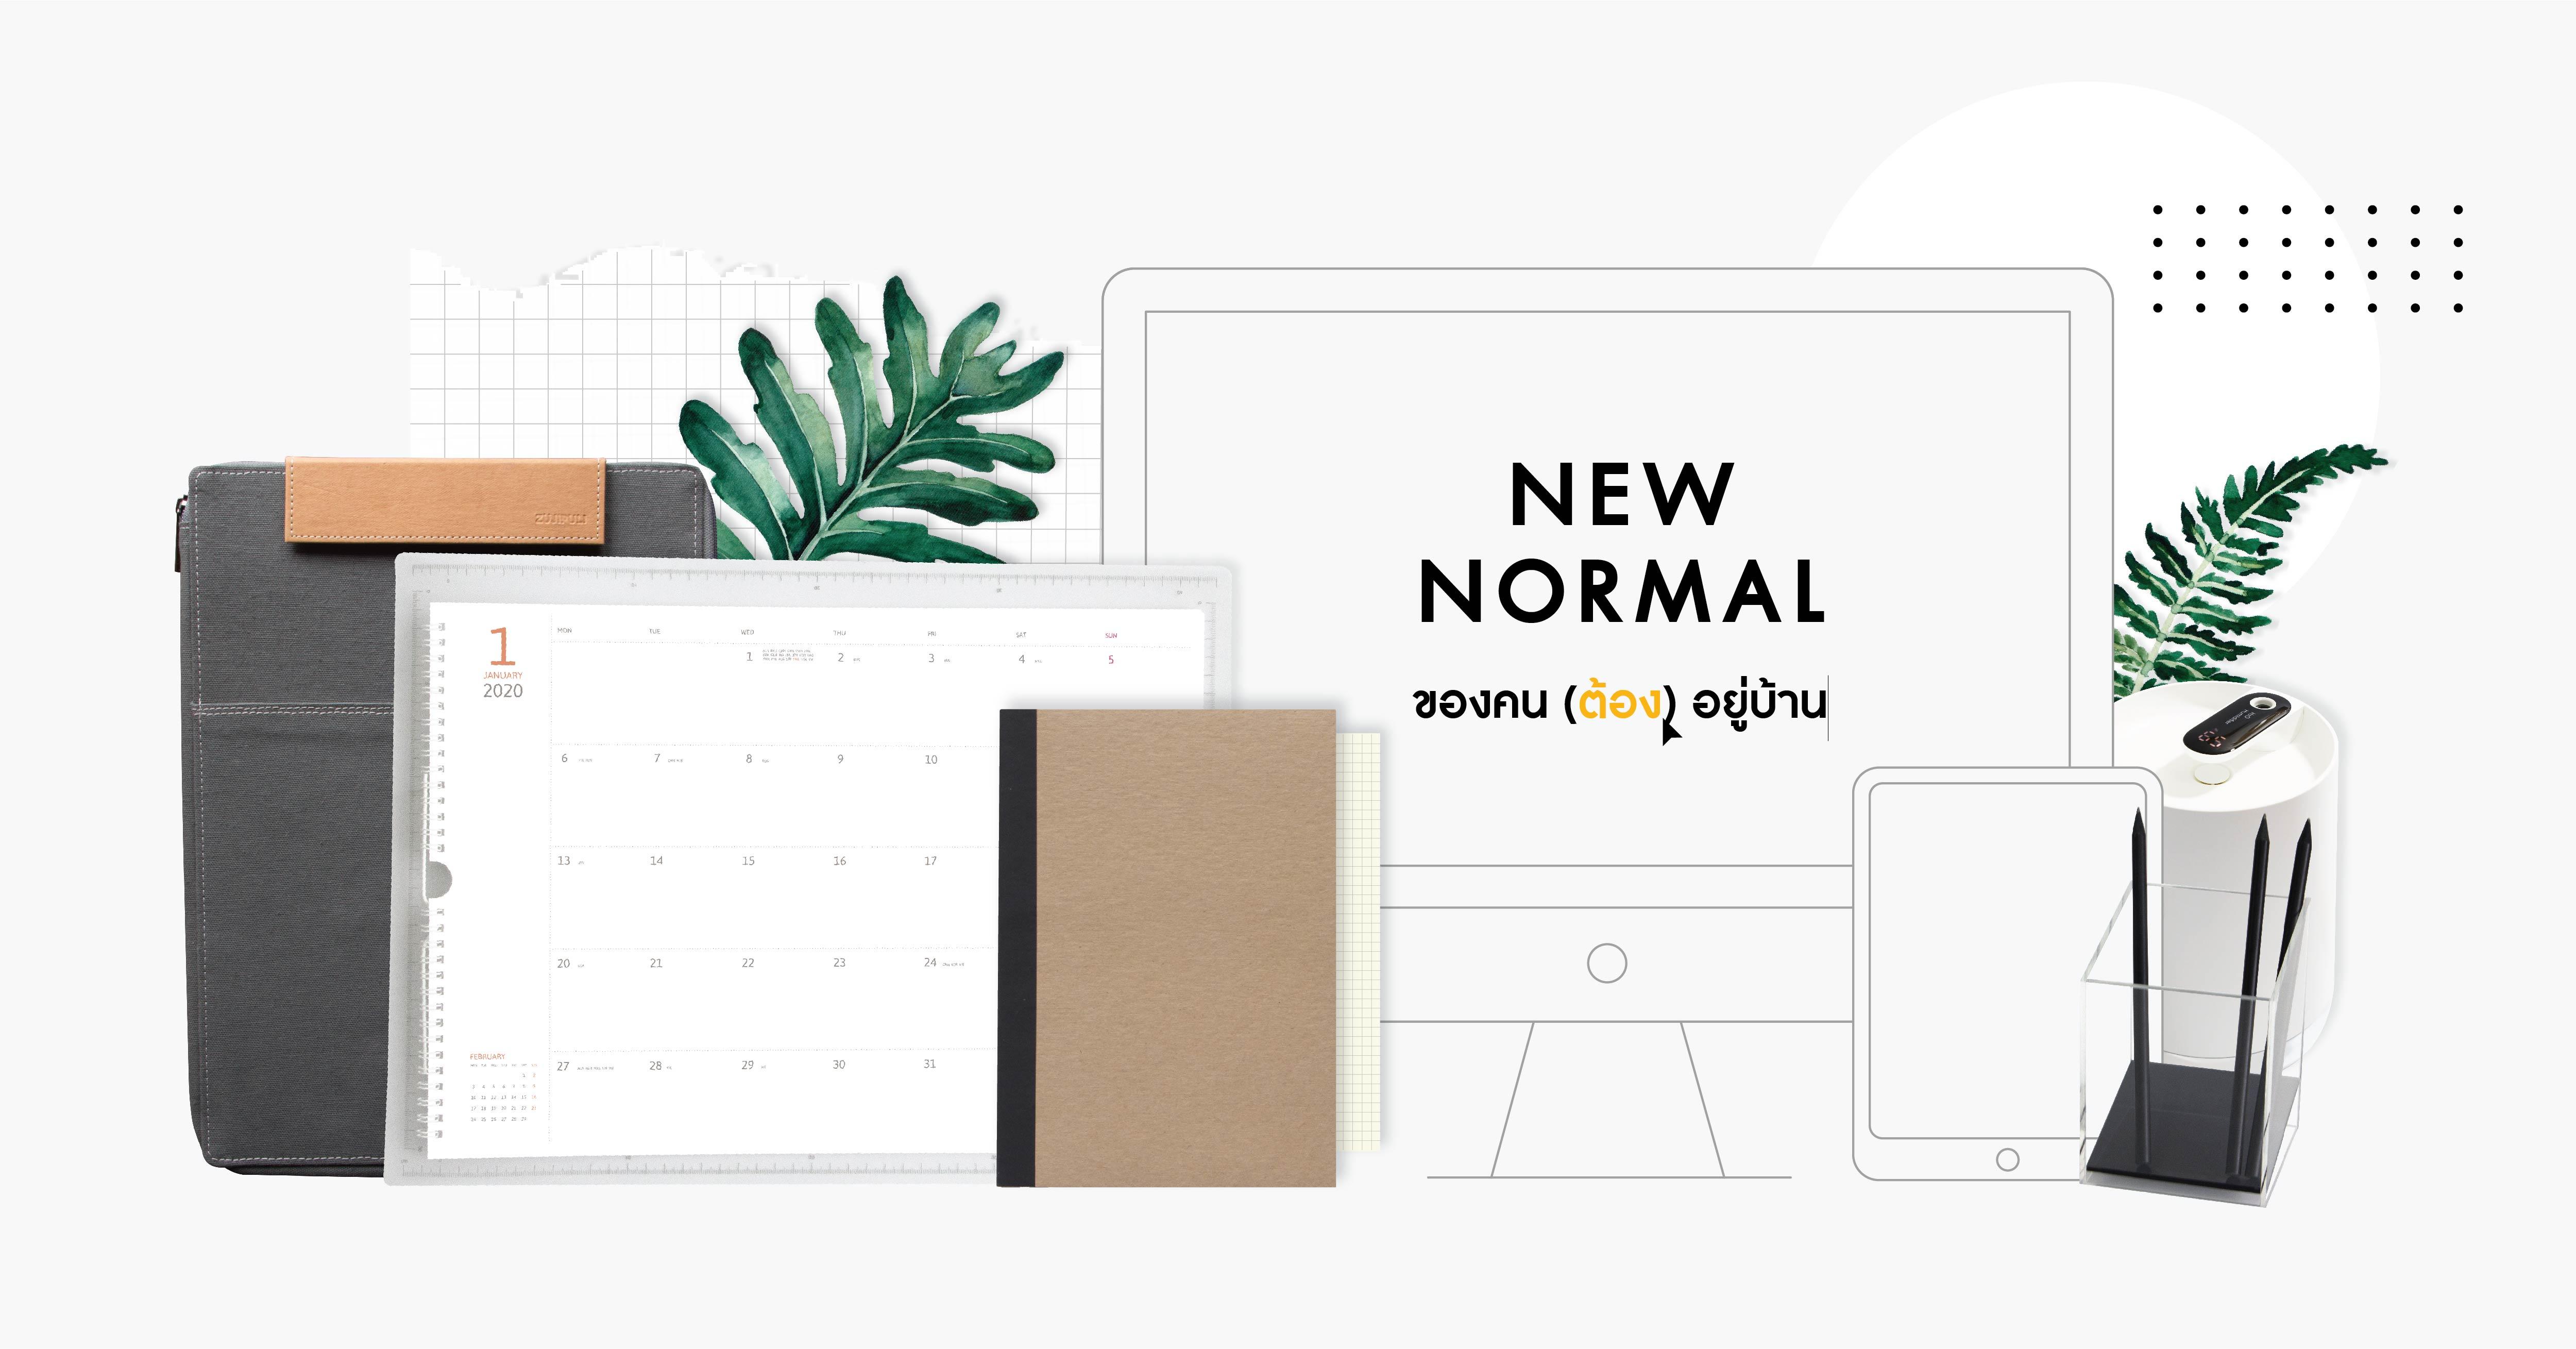 (When I Try To) Feel Good Everyday — New Normal ของคน (ต้อง) อยู่บ้าน